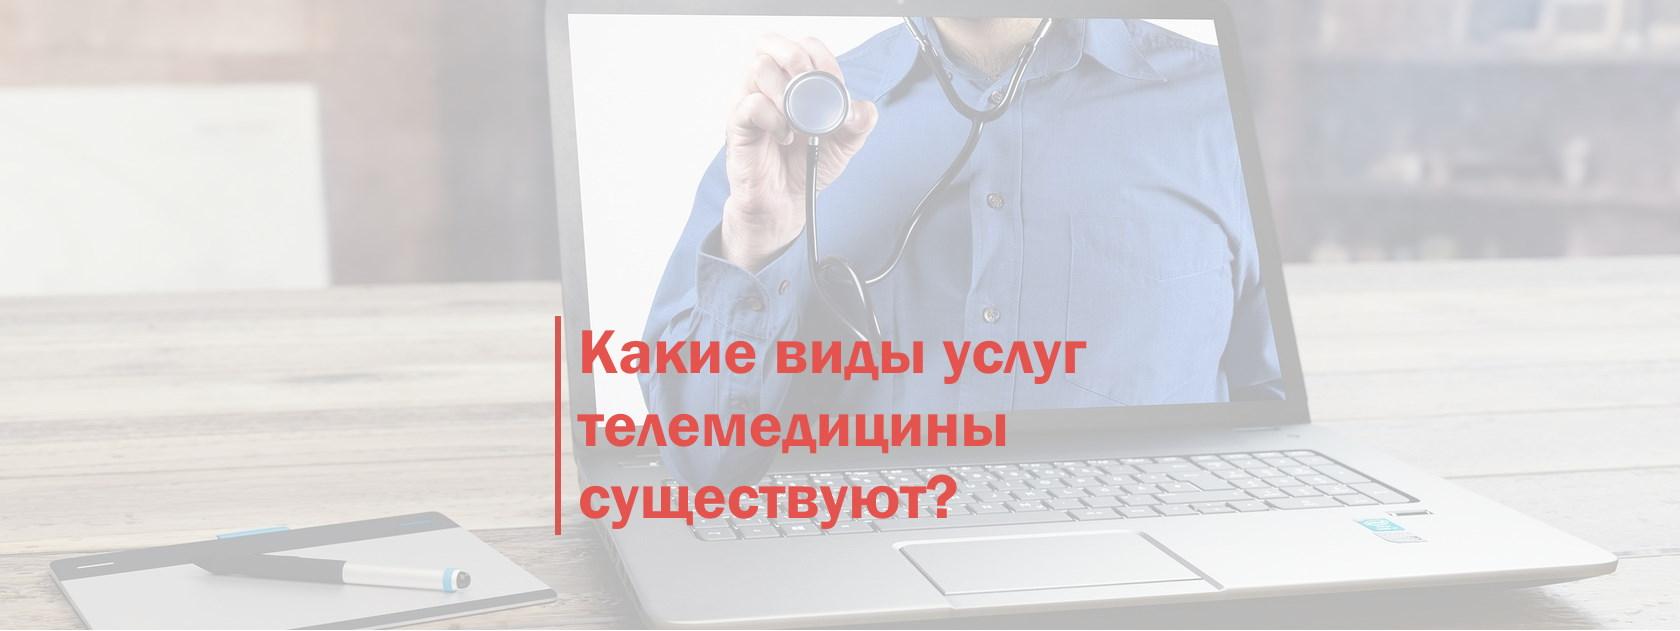 Телемедицина: новая форма общения врача  и пациента